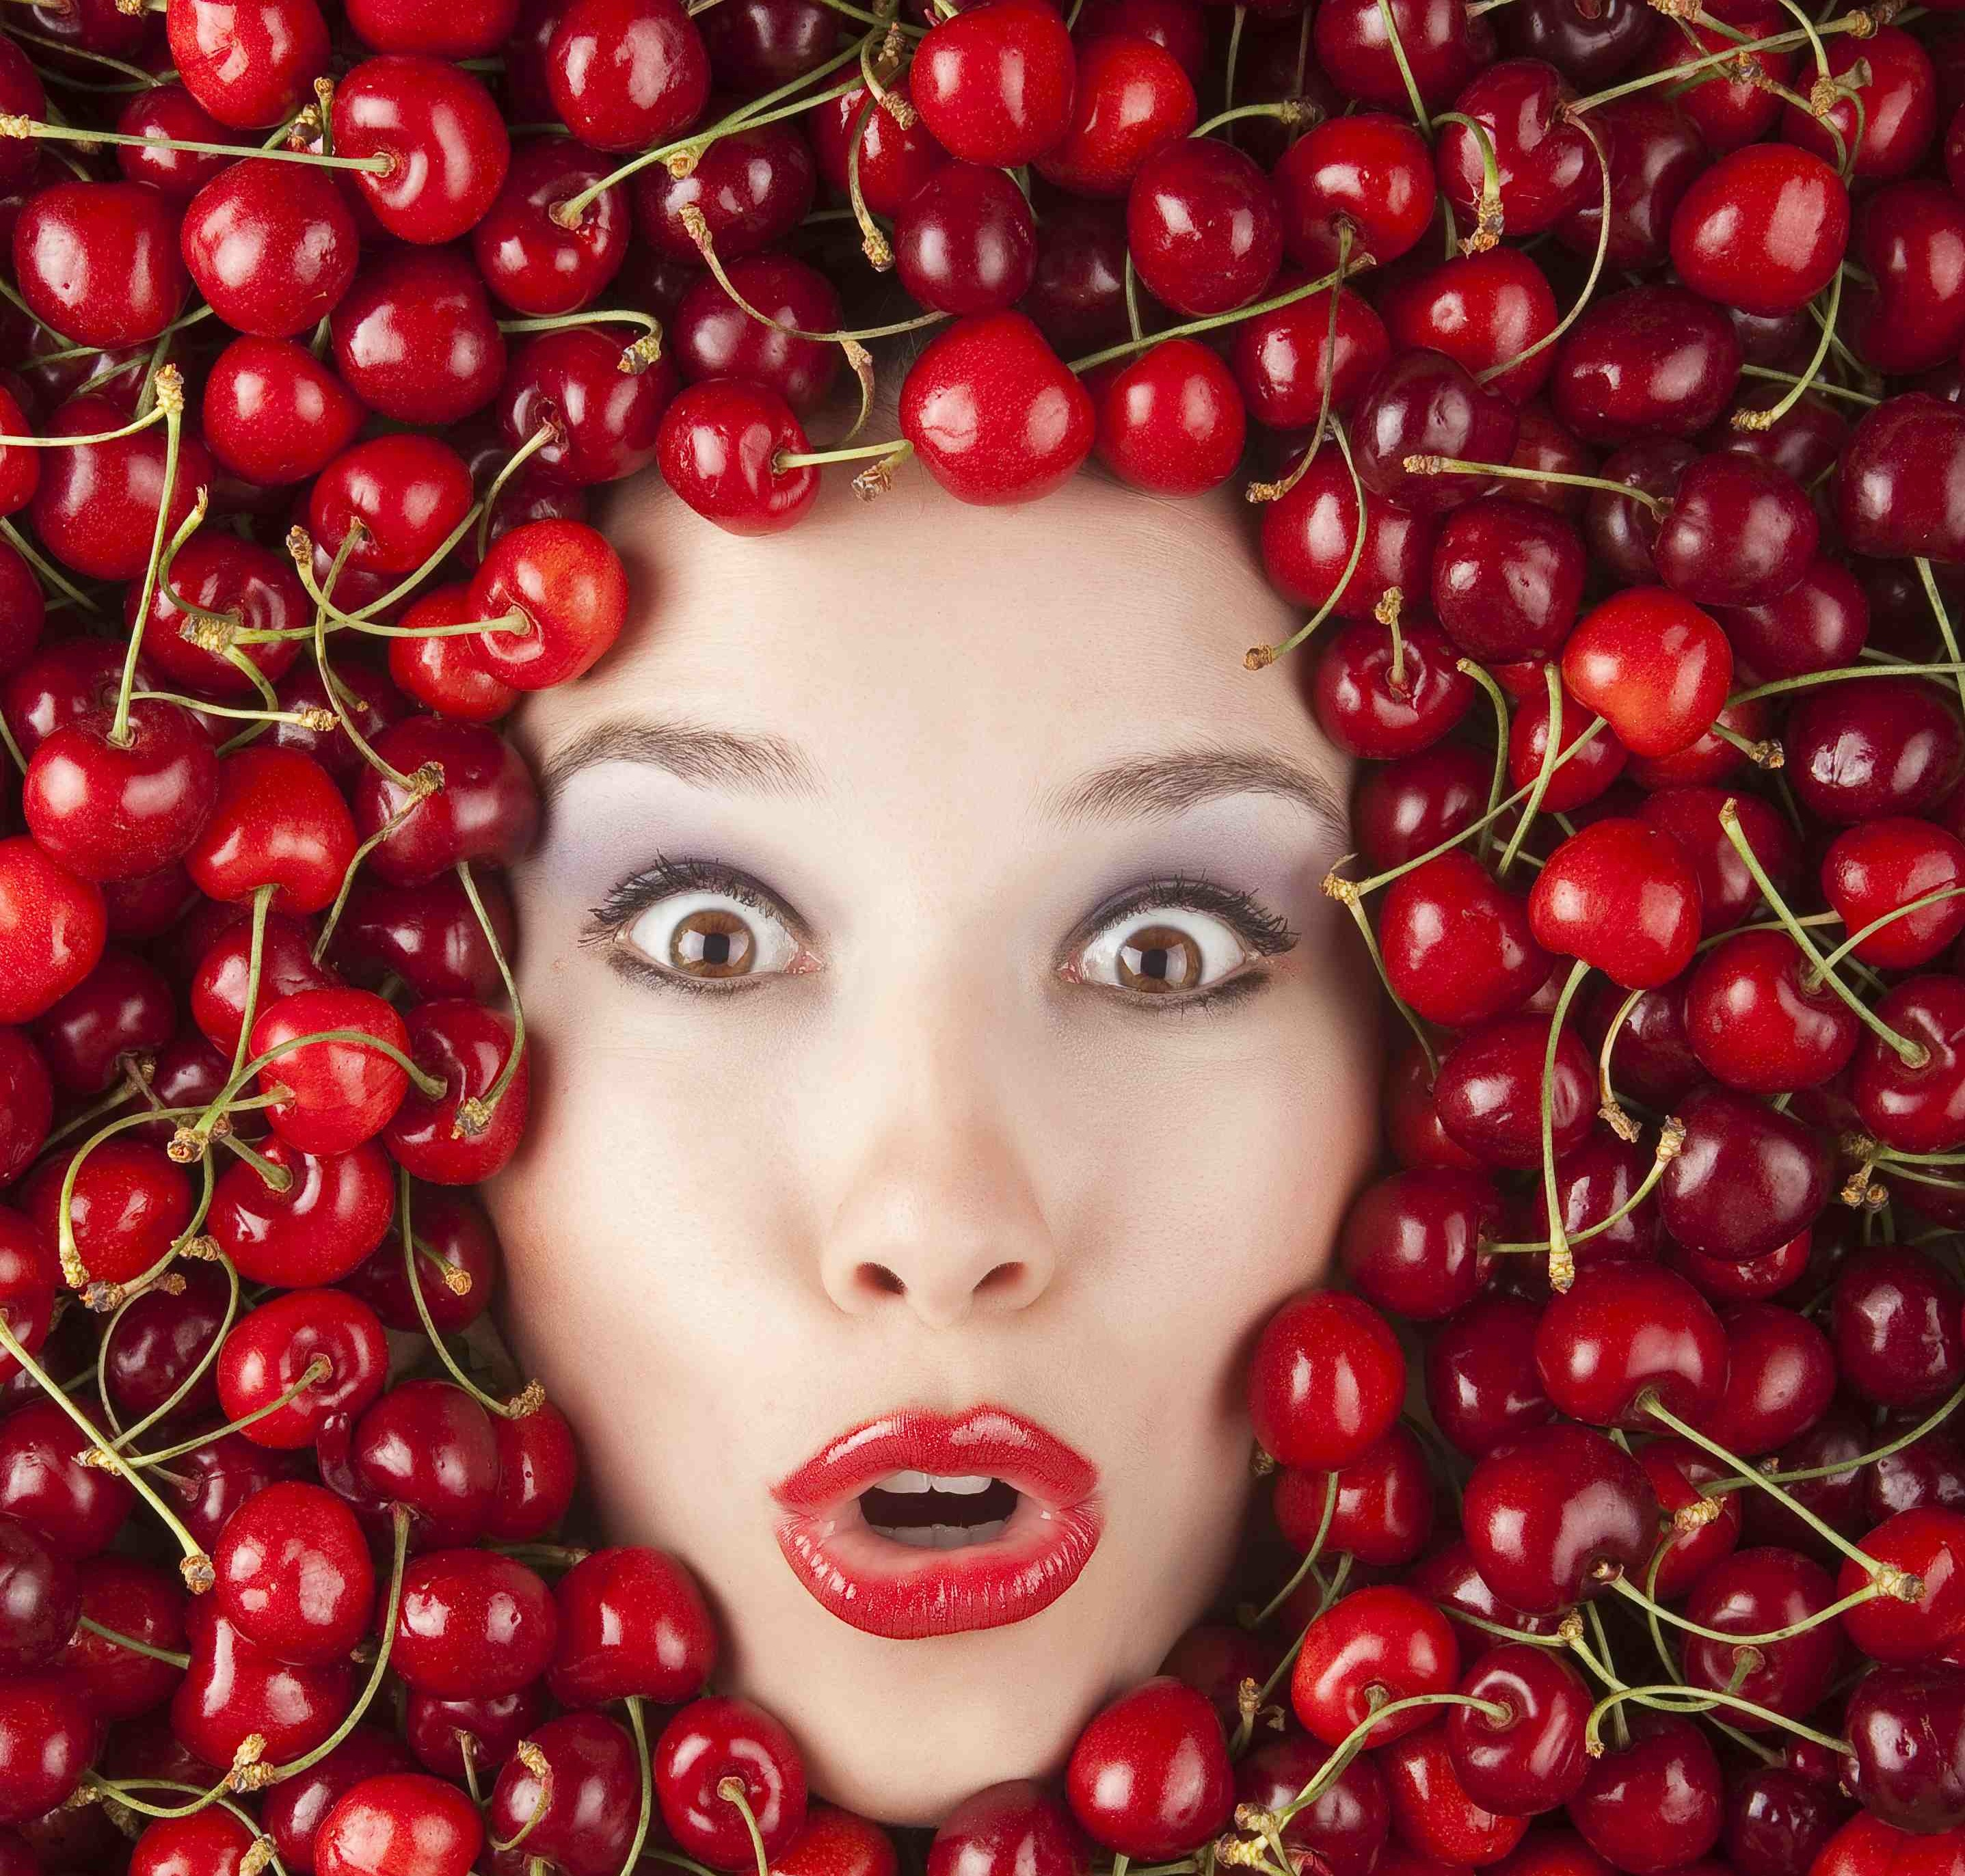 Tart-cherries